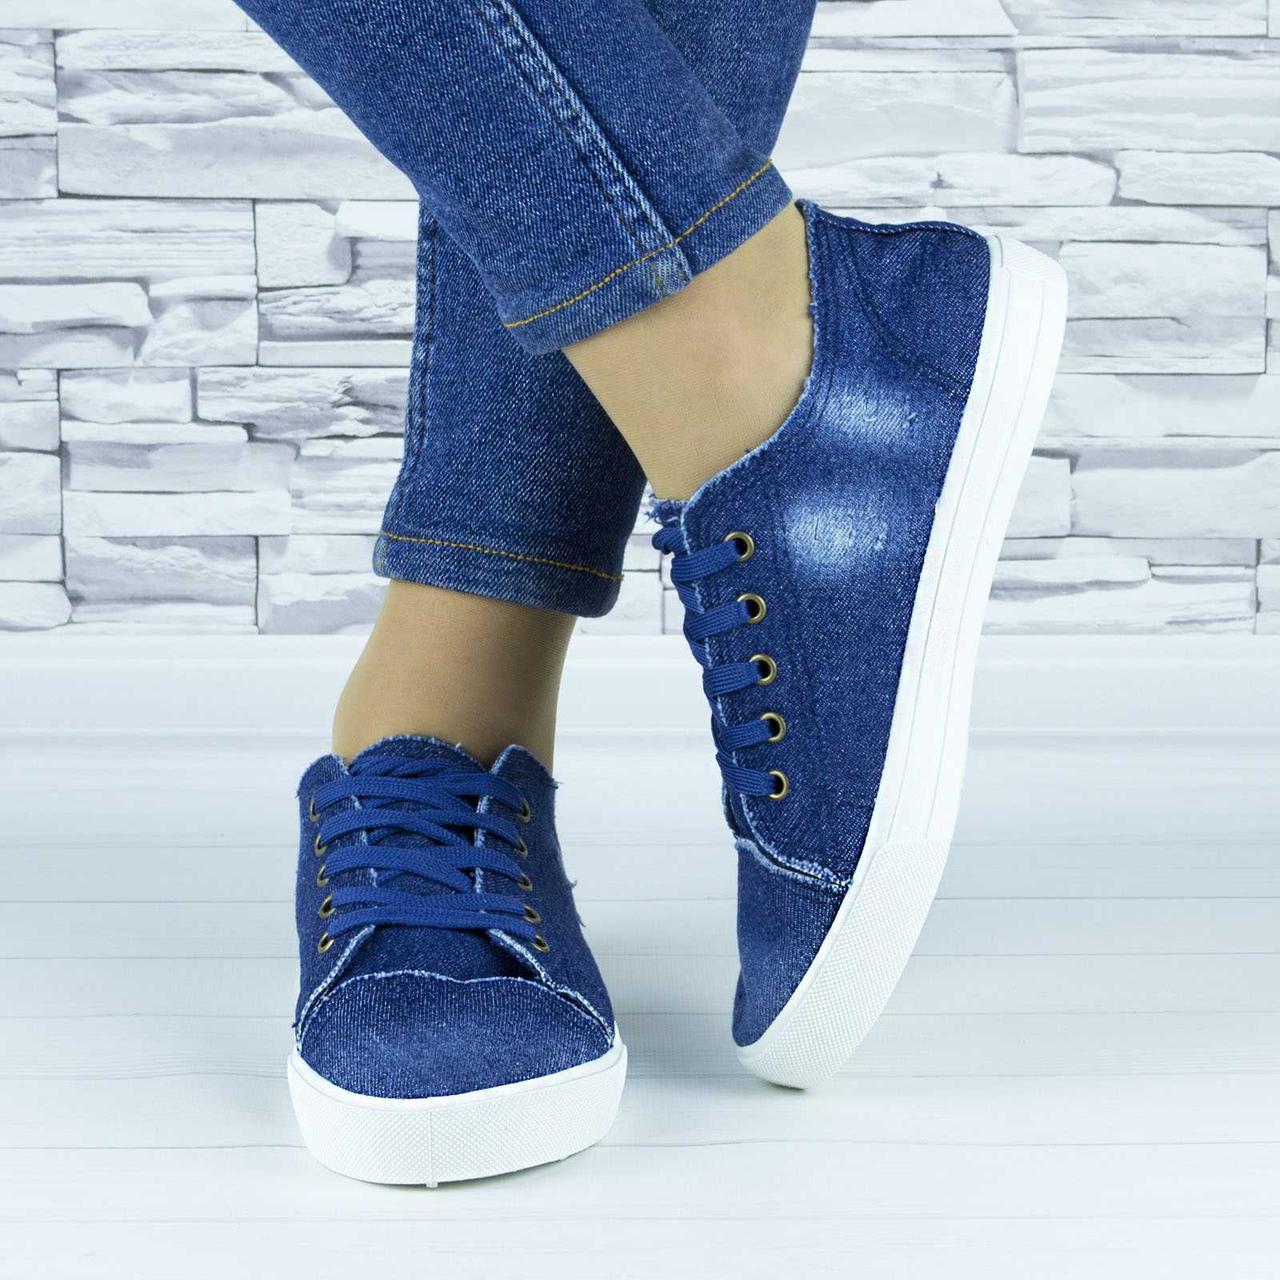 Кеды джинсовые синие женские демисезонные текстильные (b-674)